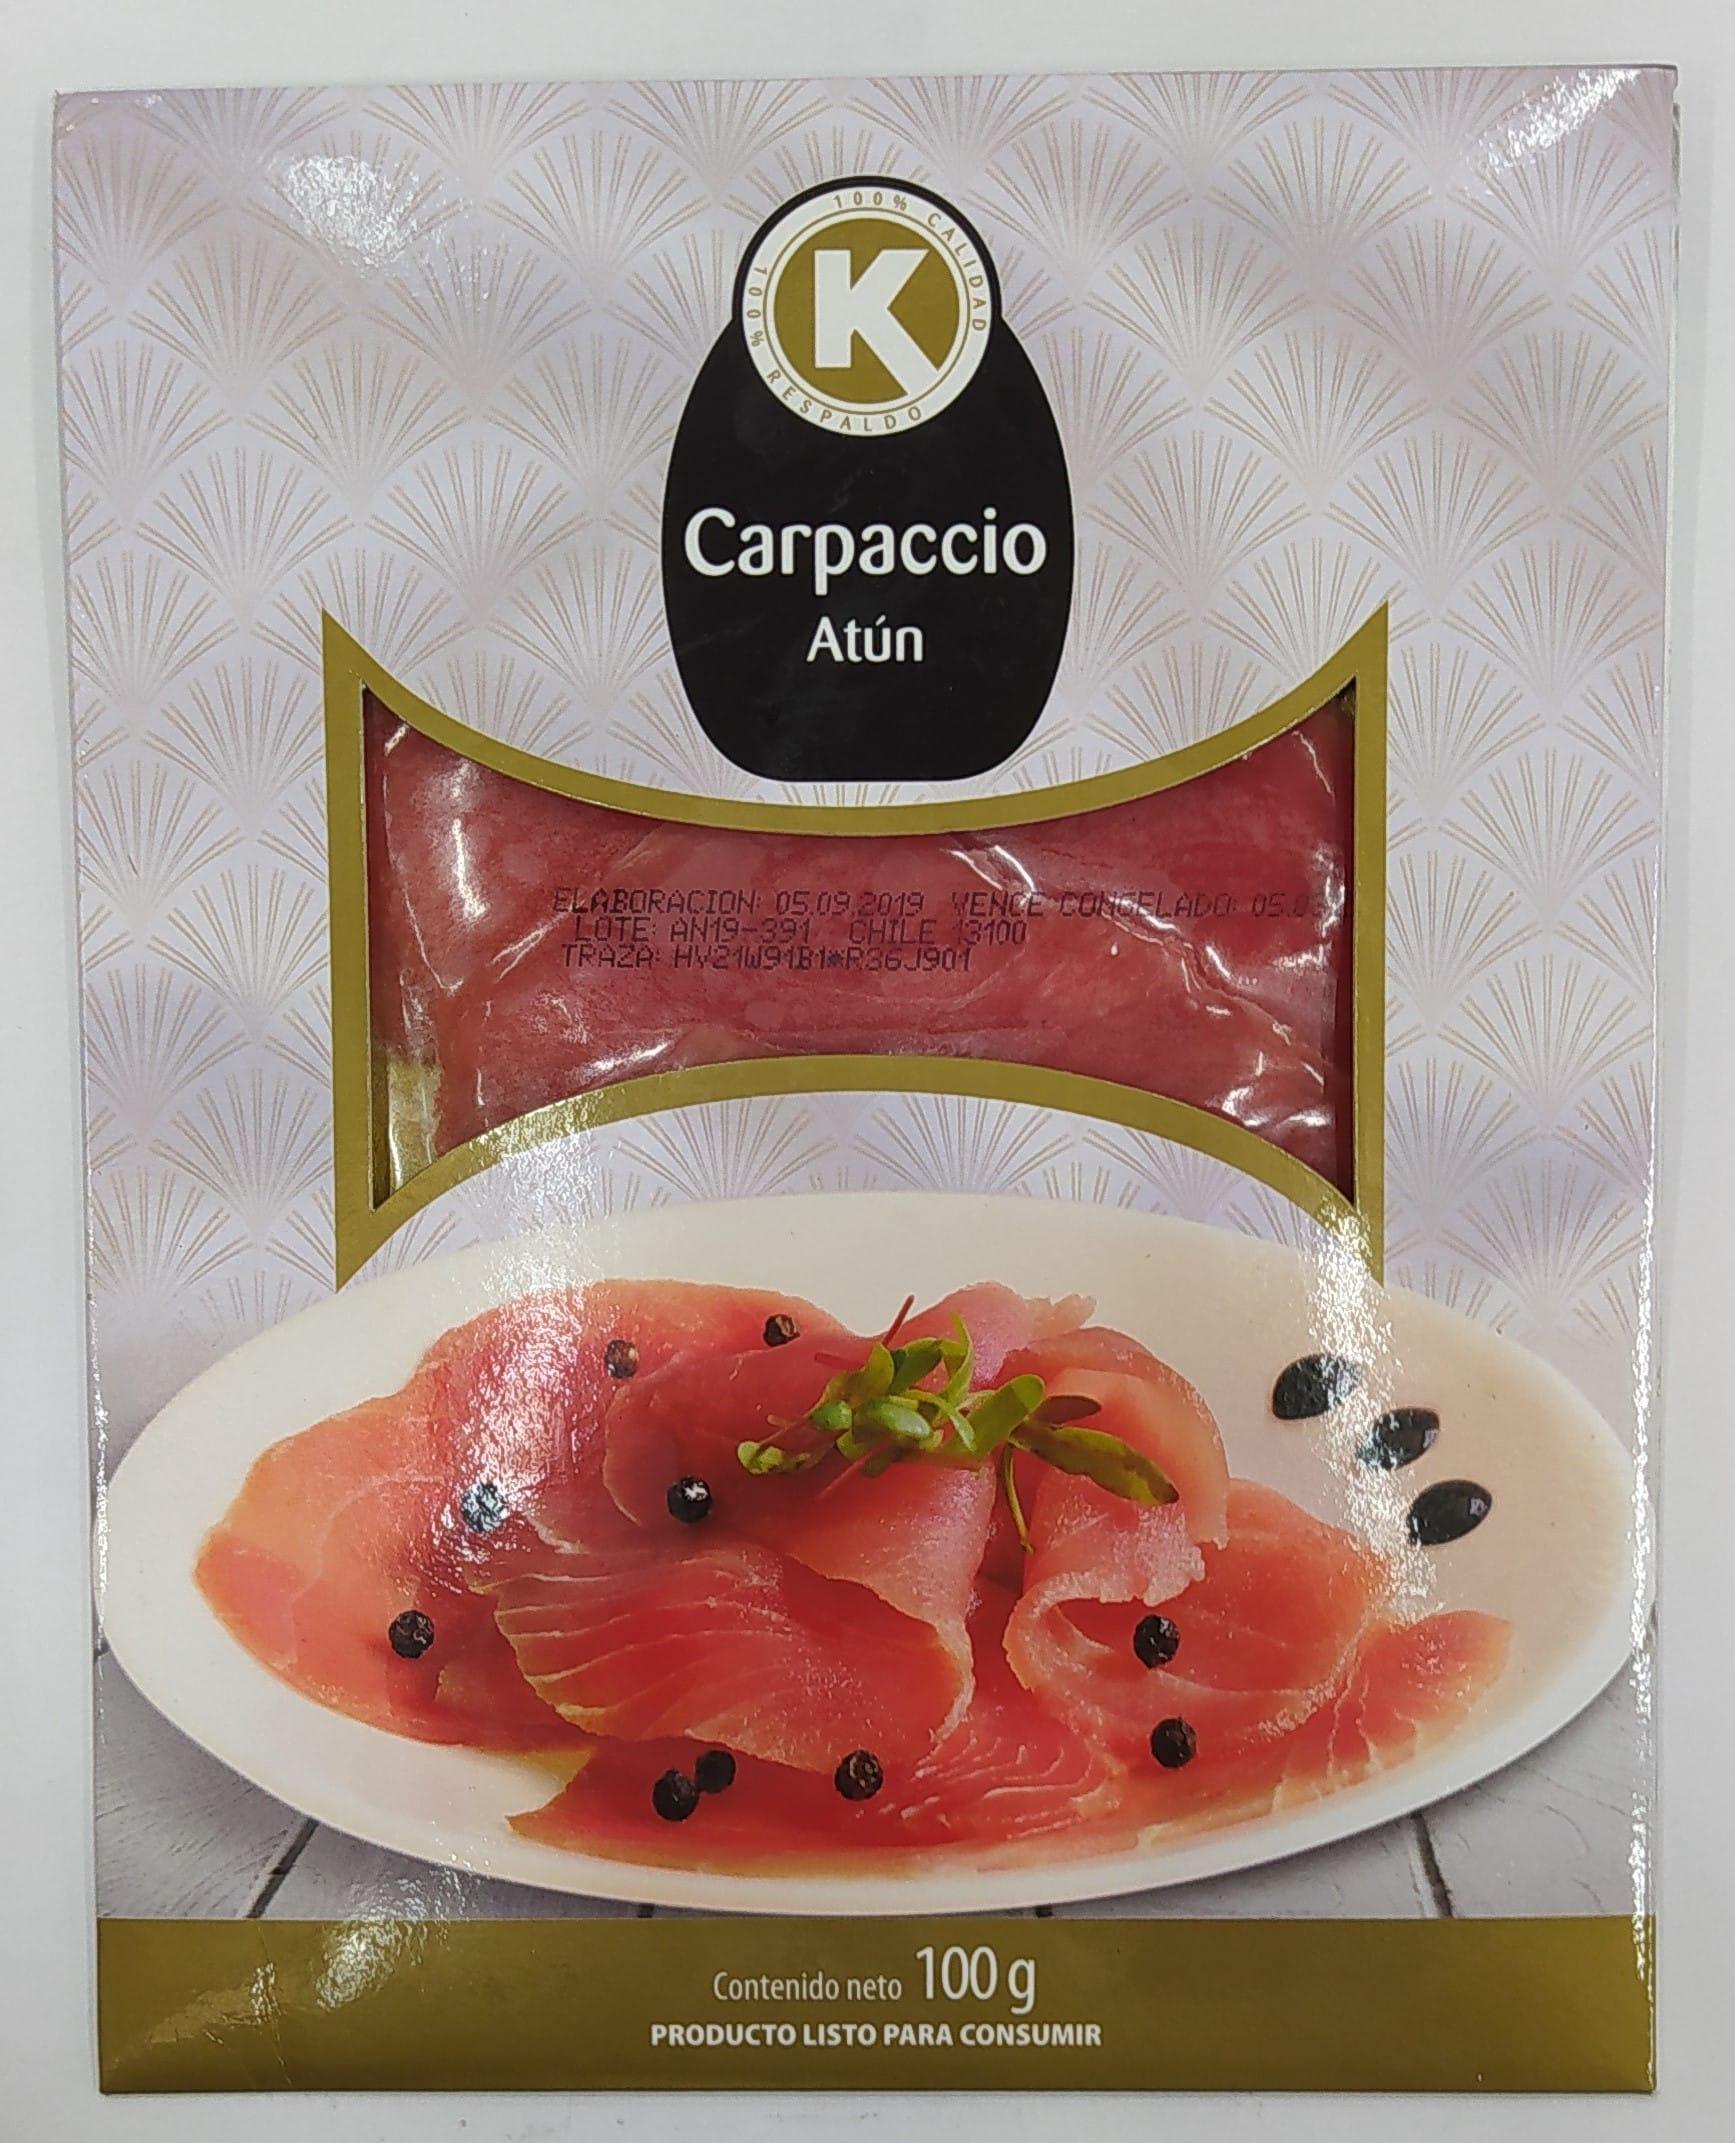 Carpaccio k de Atún 100g